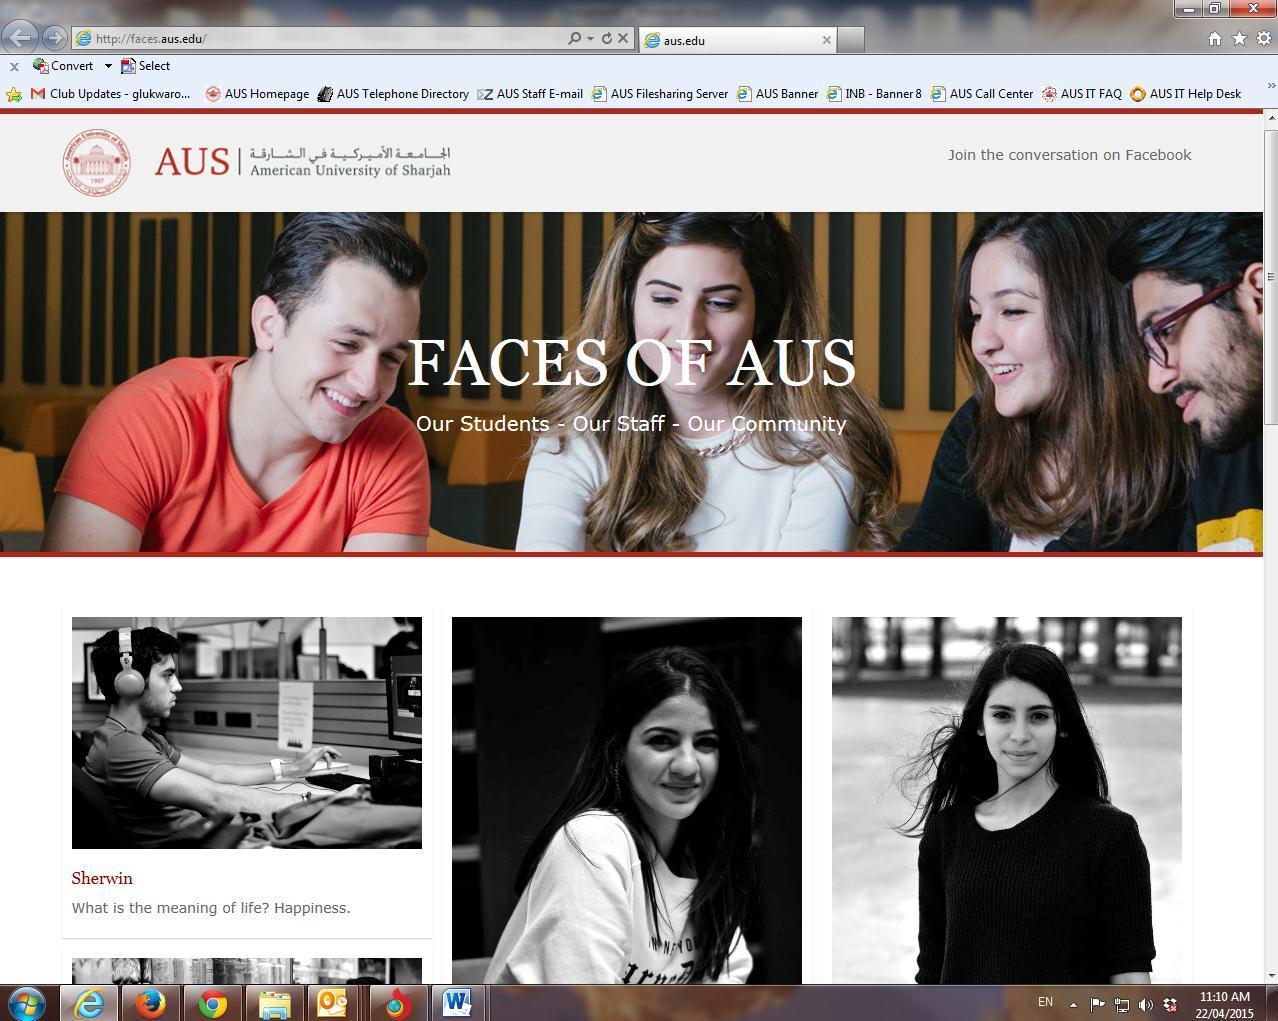 Faces_of_AUS